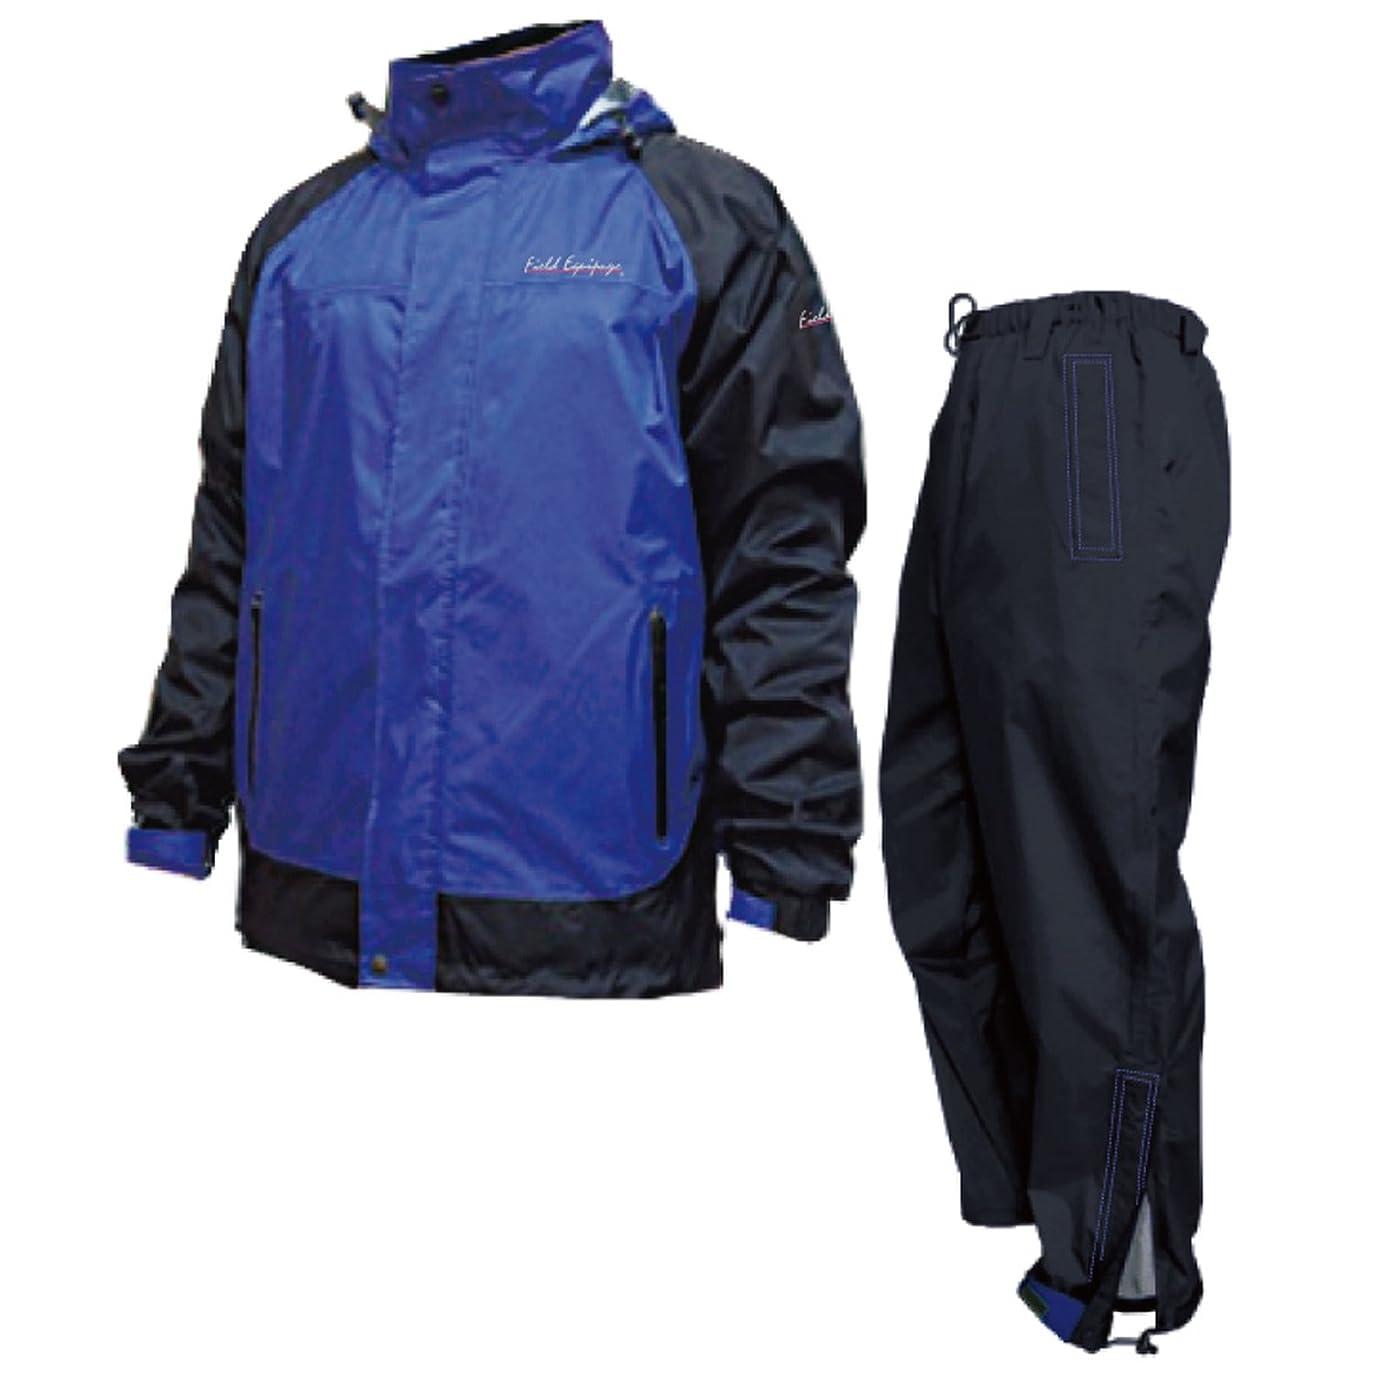 ガソリン検索エンジン最適化しないトオケミ(TOHKEMI) レインウェア COCOON(コクーン)ウェザースーツ LL ブルー #45900